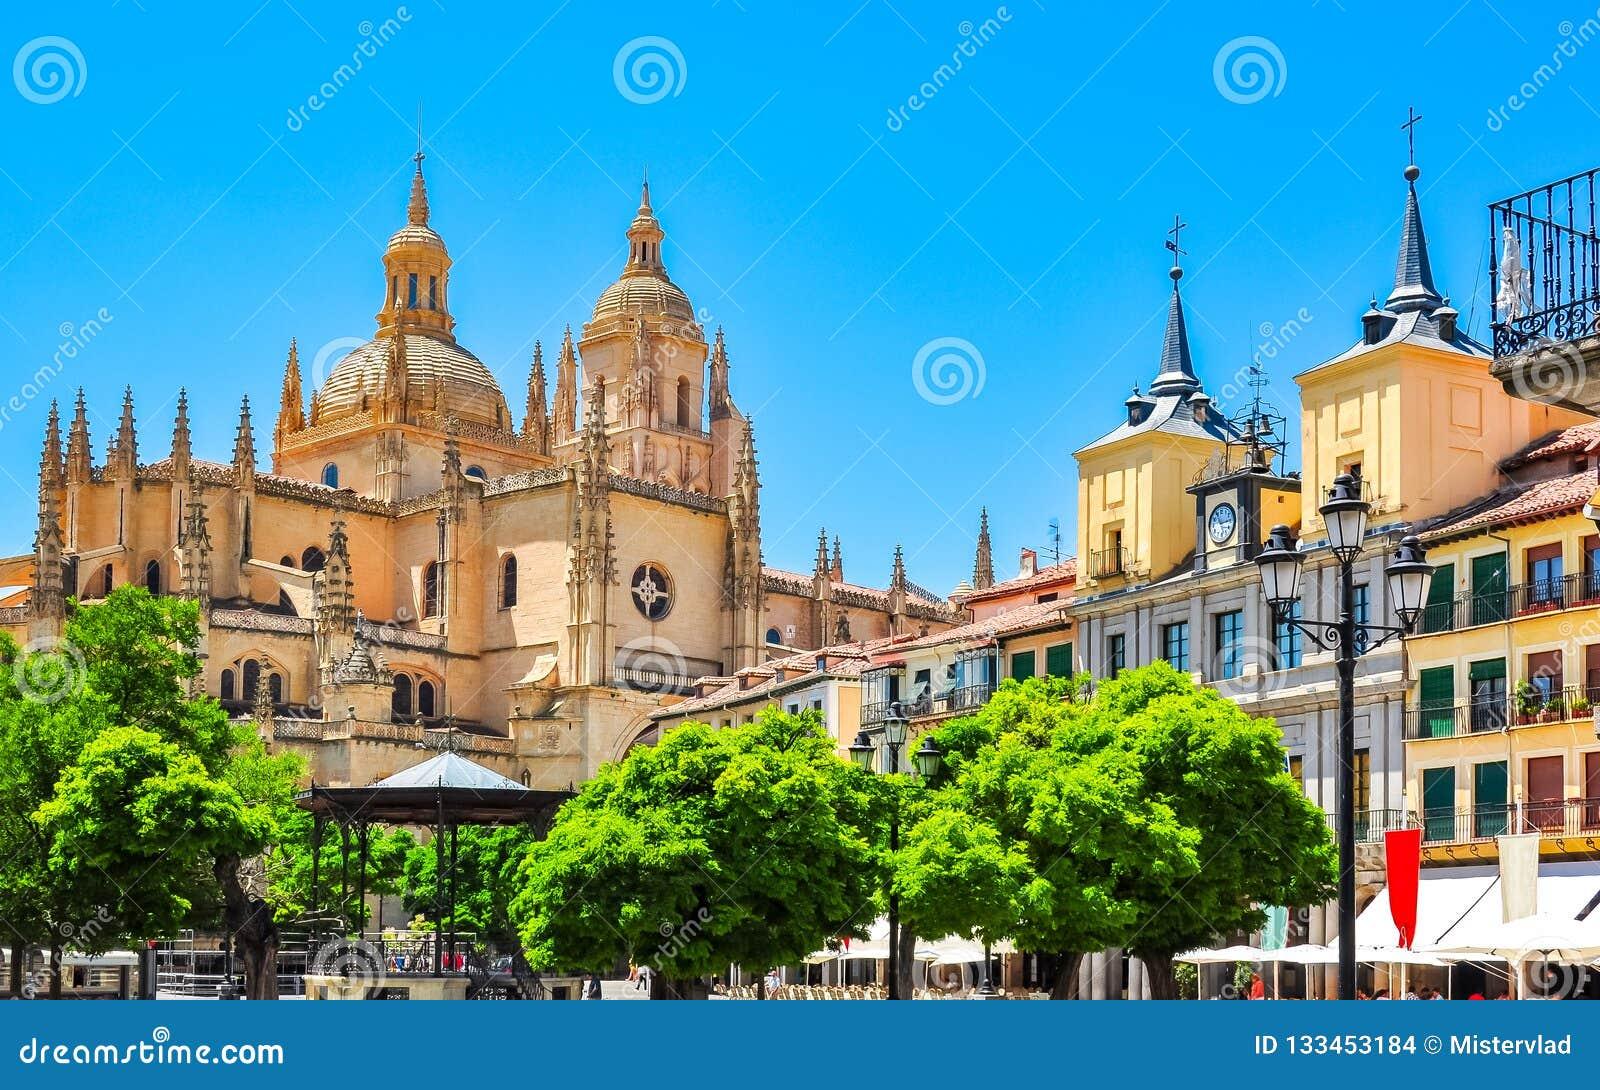 Quadrato principale della plaza con la cattedrale di Segovia a fondo, Segovia, Spagna